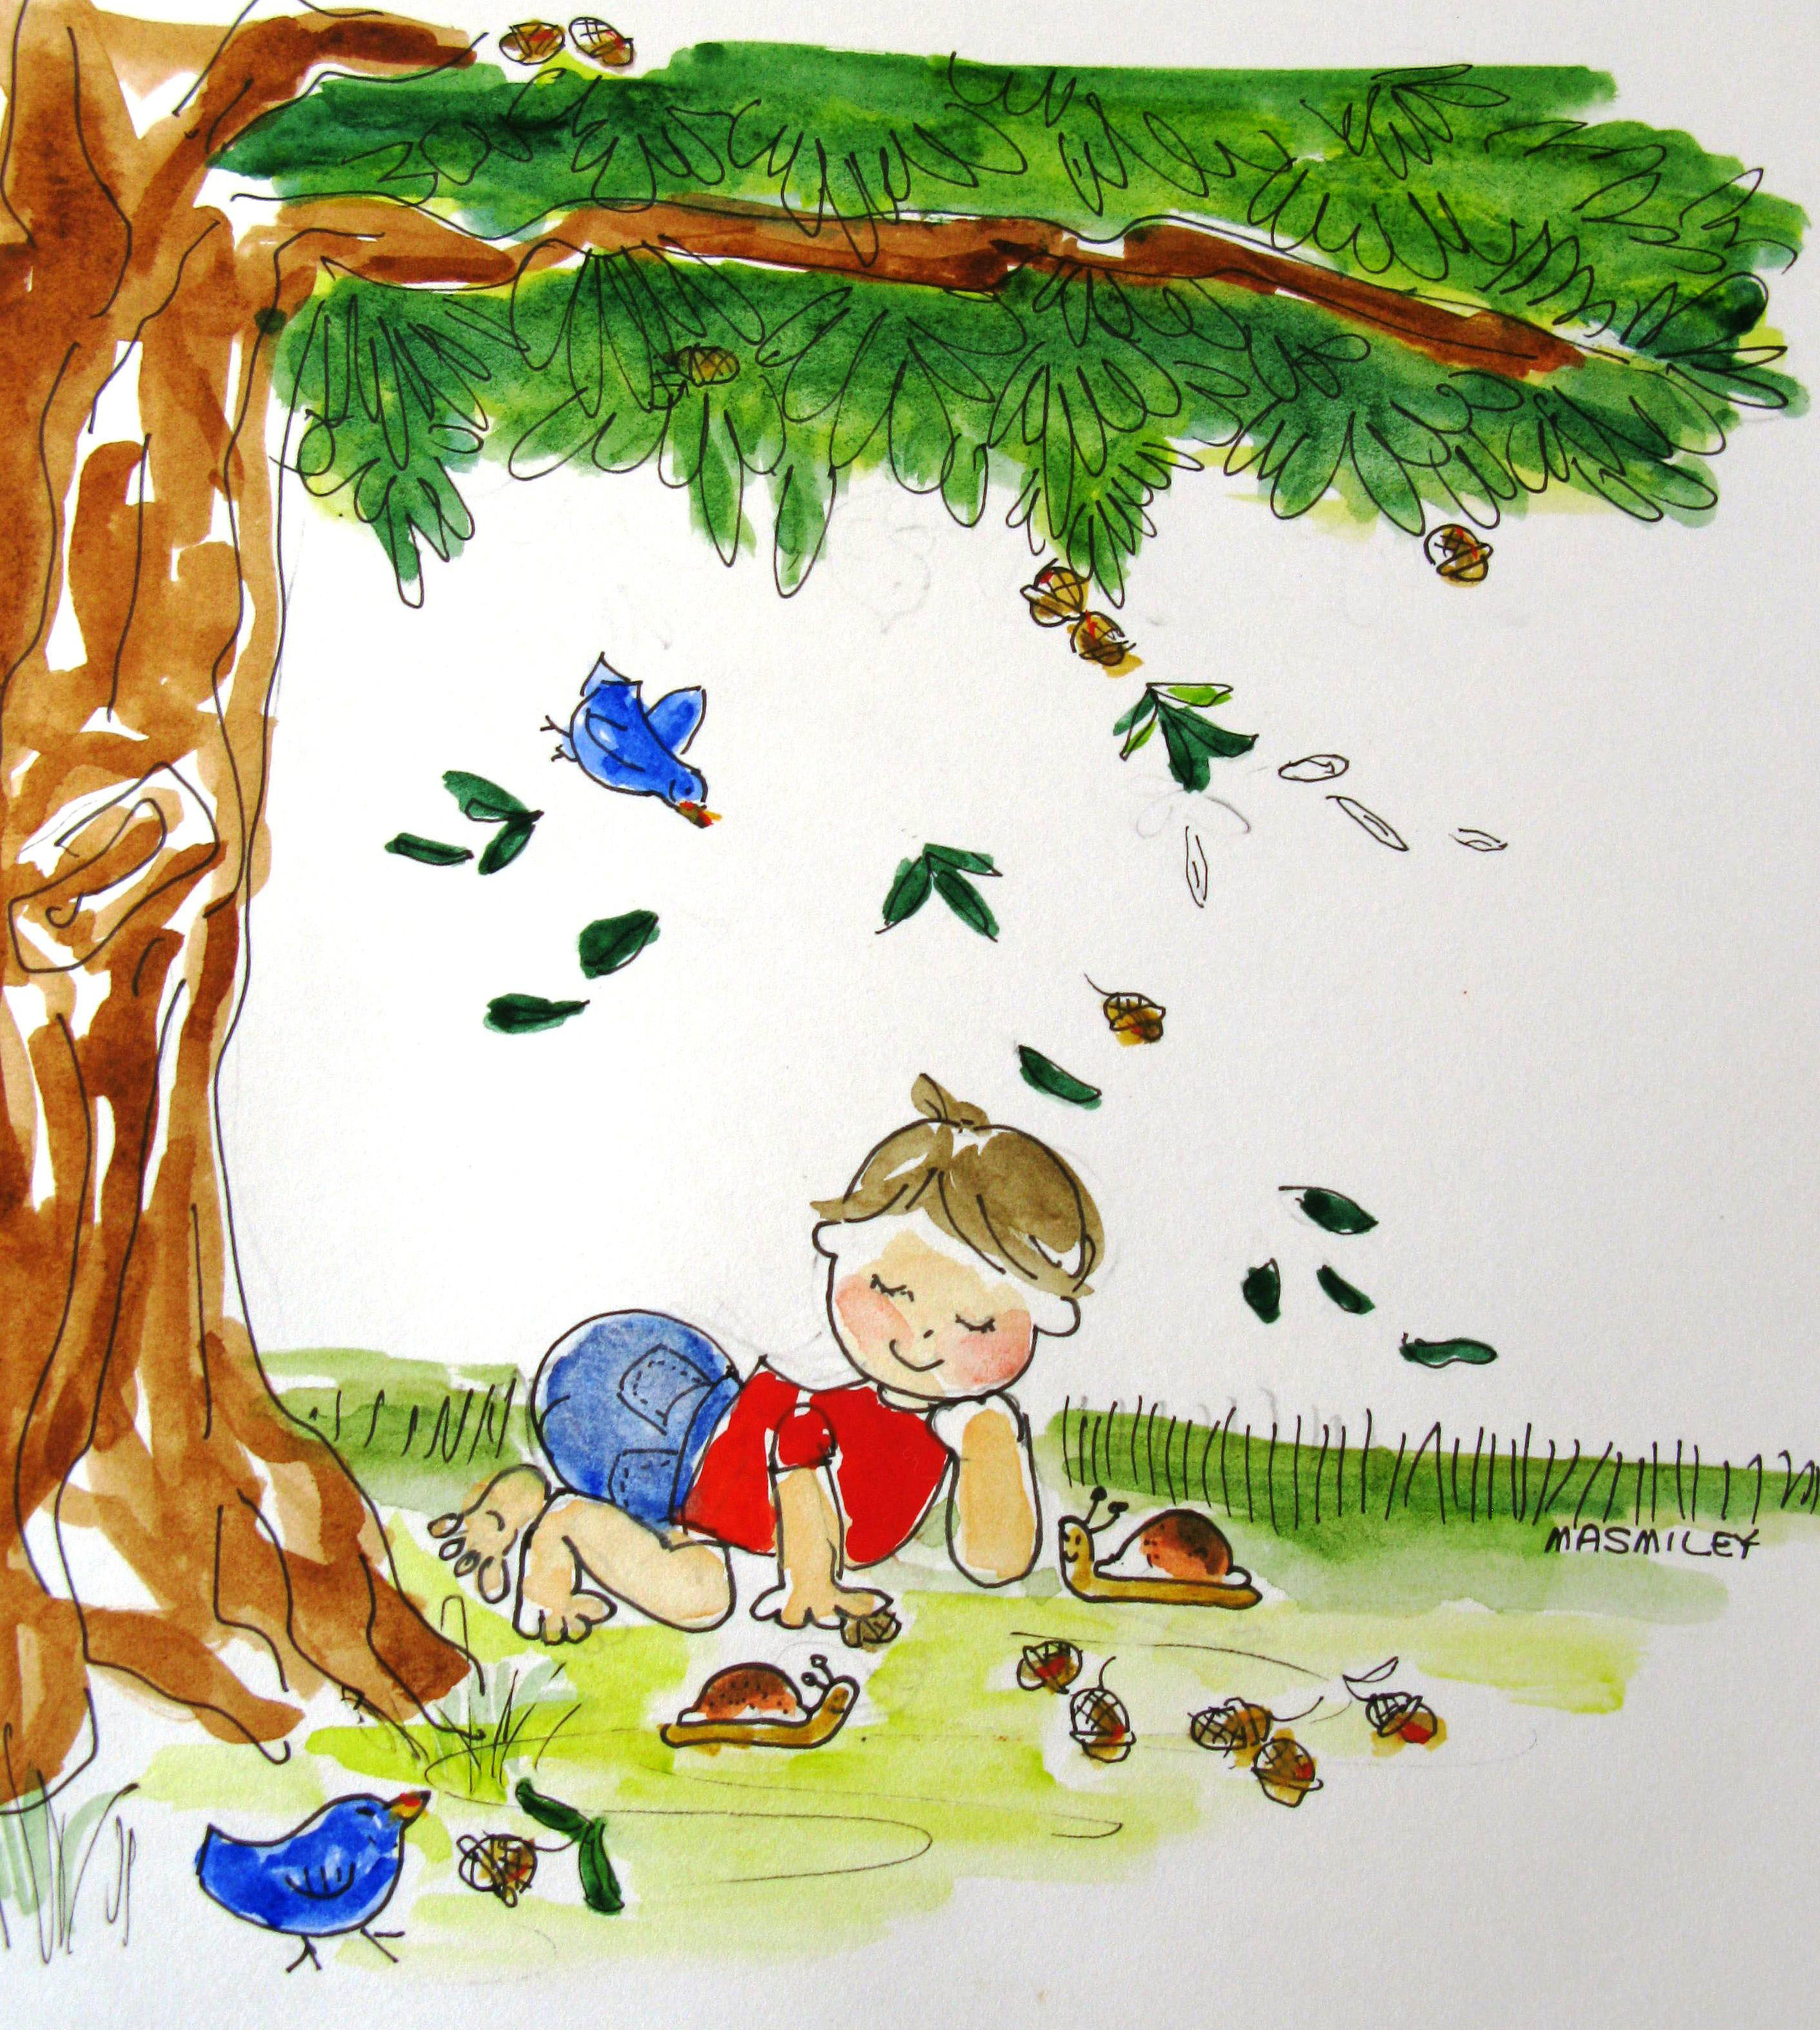 Mason under a tree